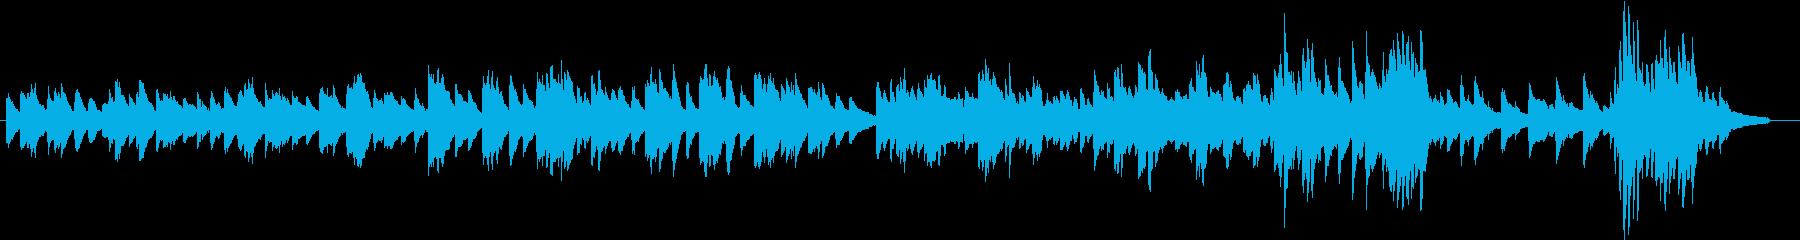 決戦前夜をイメージしたピアノBGMの再生済みの波形